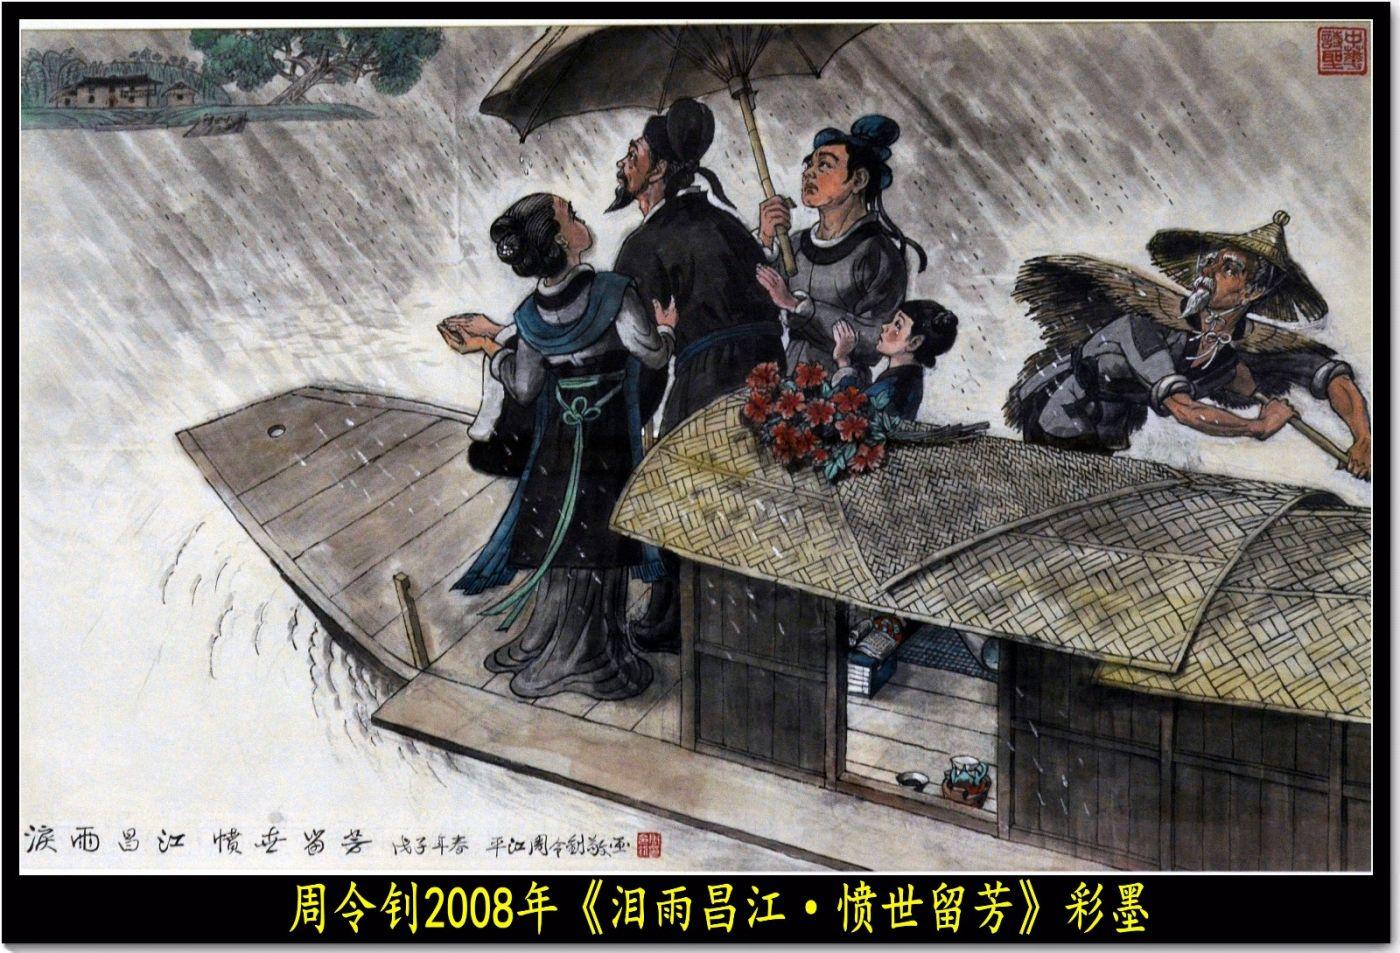 参观周令钊美术馆(七律)_图1-12